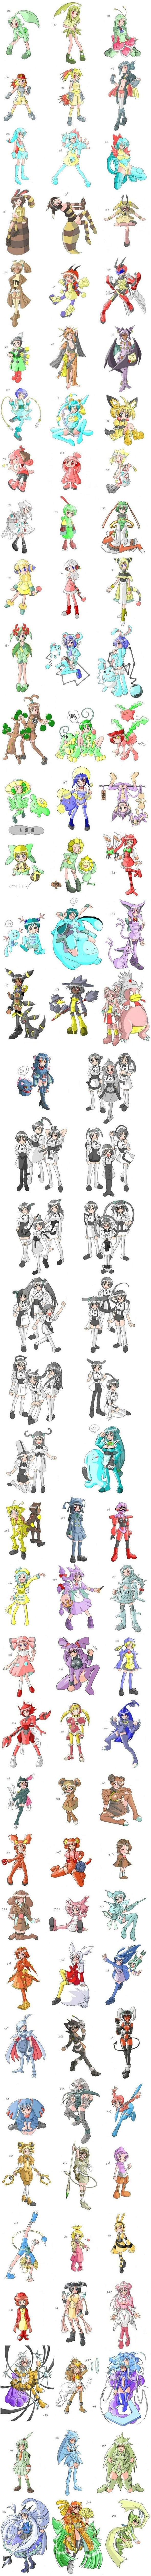 Segunda geração de meninas pokémon